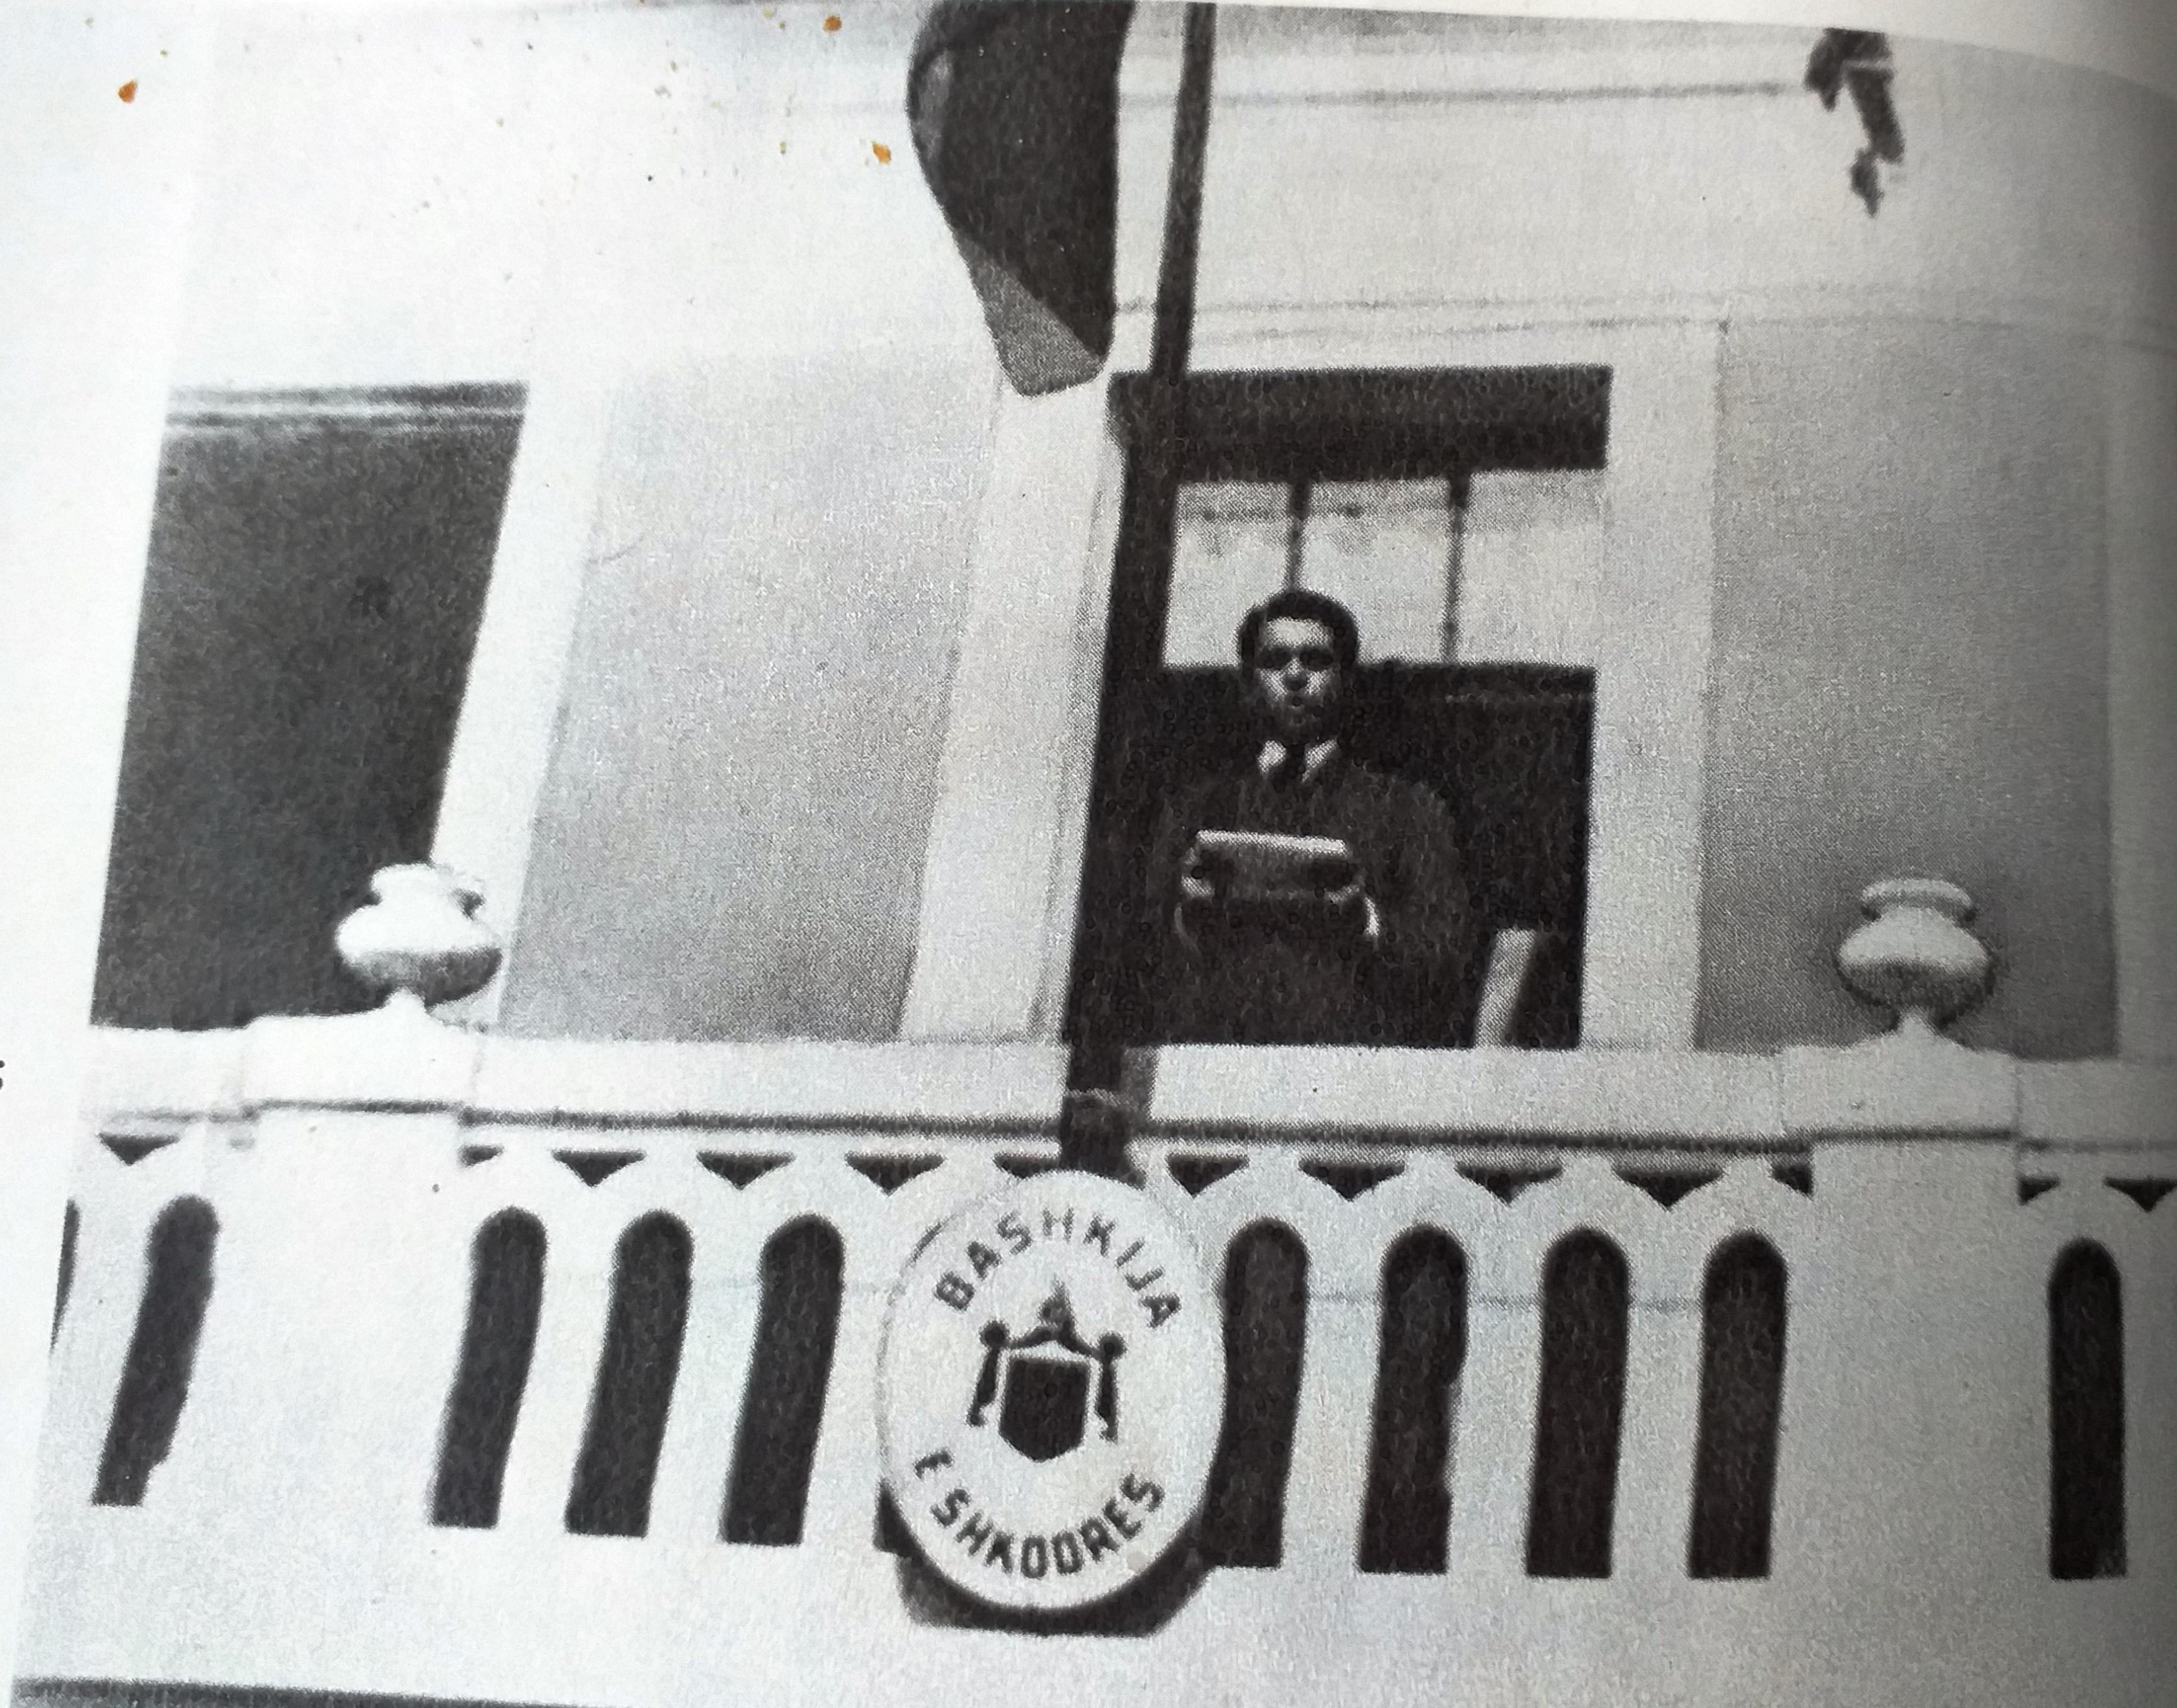 Enver Hoxha në ballkonin e Bashkisë së Shkodrës foto e manipuluar pasi ka fshirë të tjerët